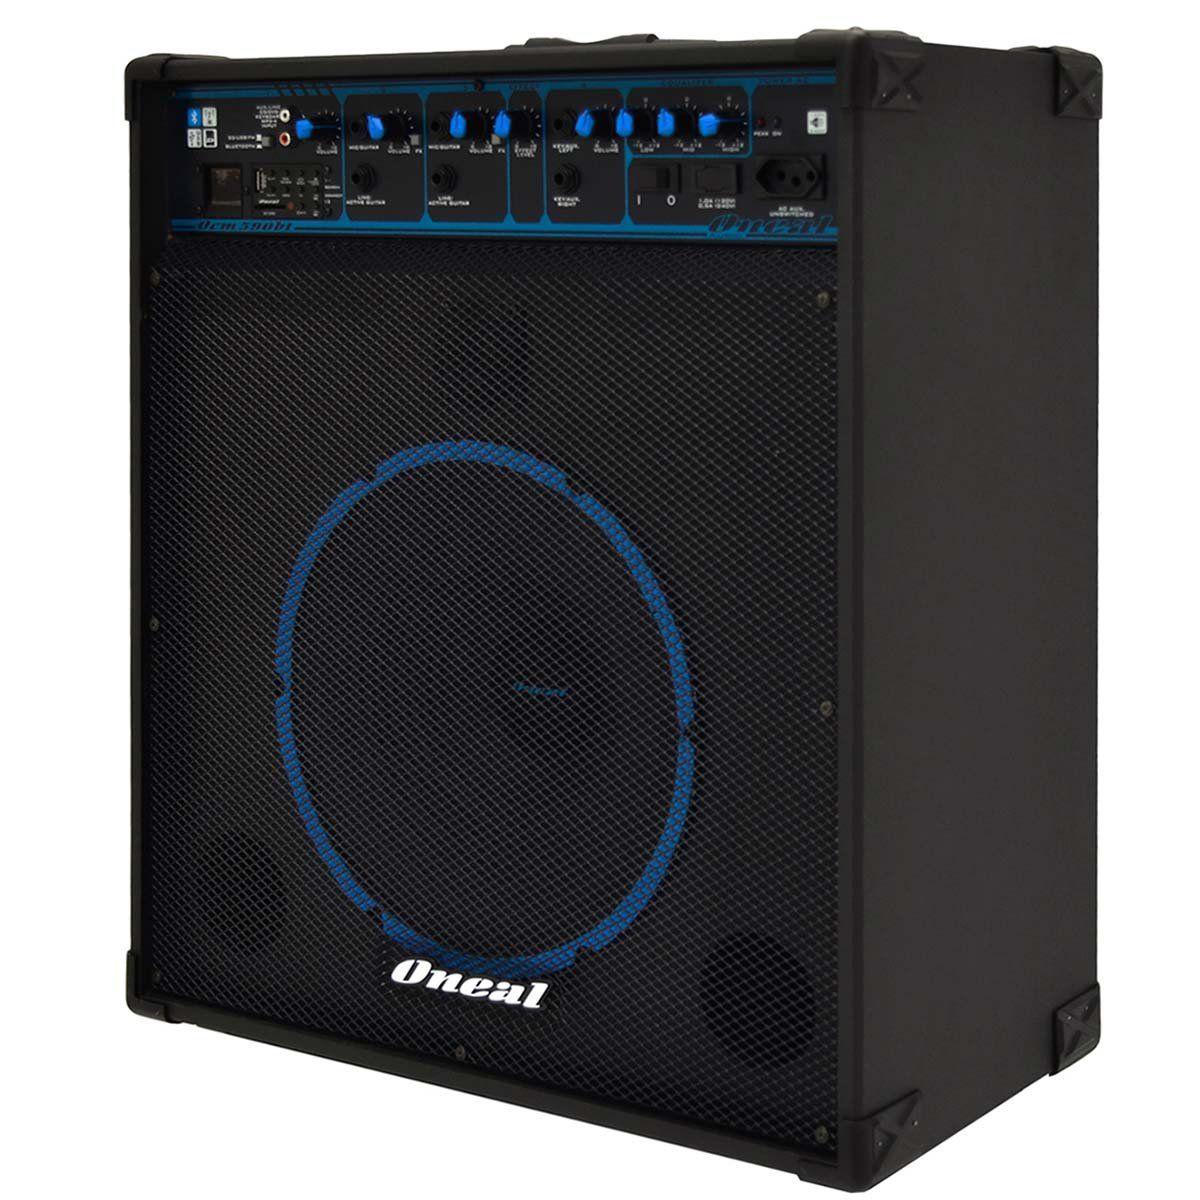 Cubo Multiuso Fal 12 Pol 80W c/ USB / Bluetooth - OCM 590 BT Oneal